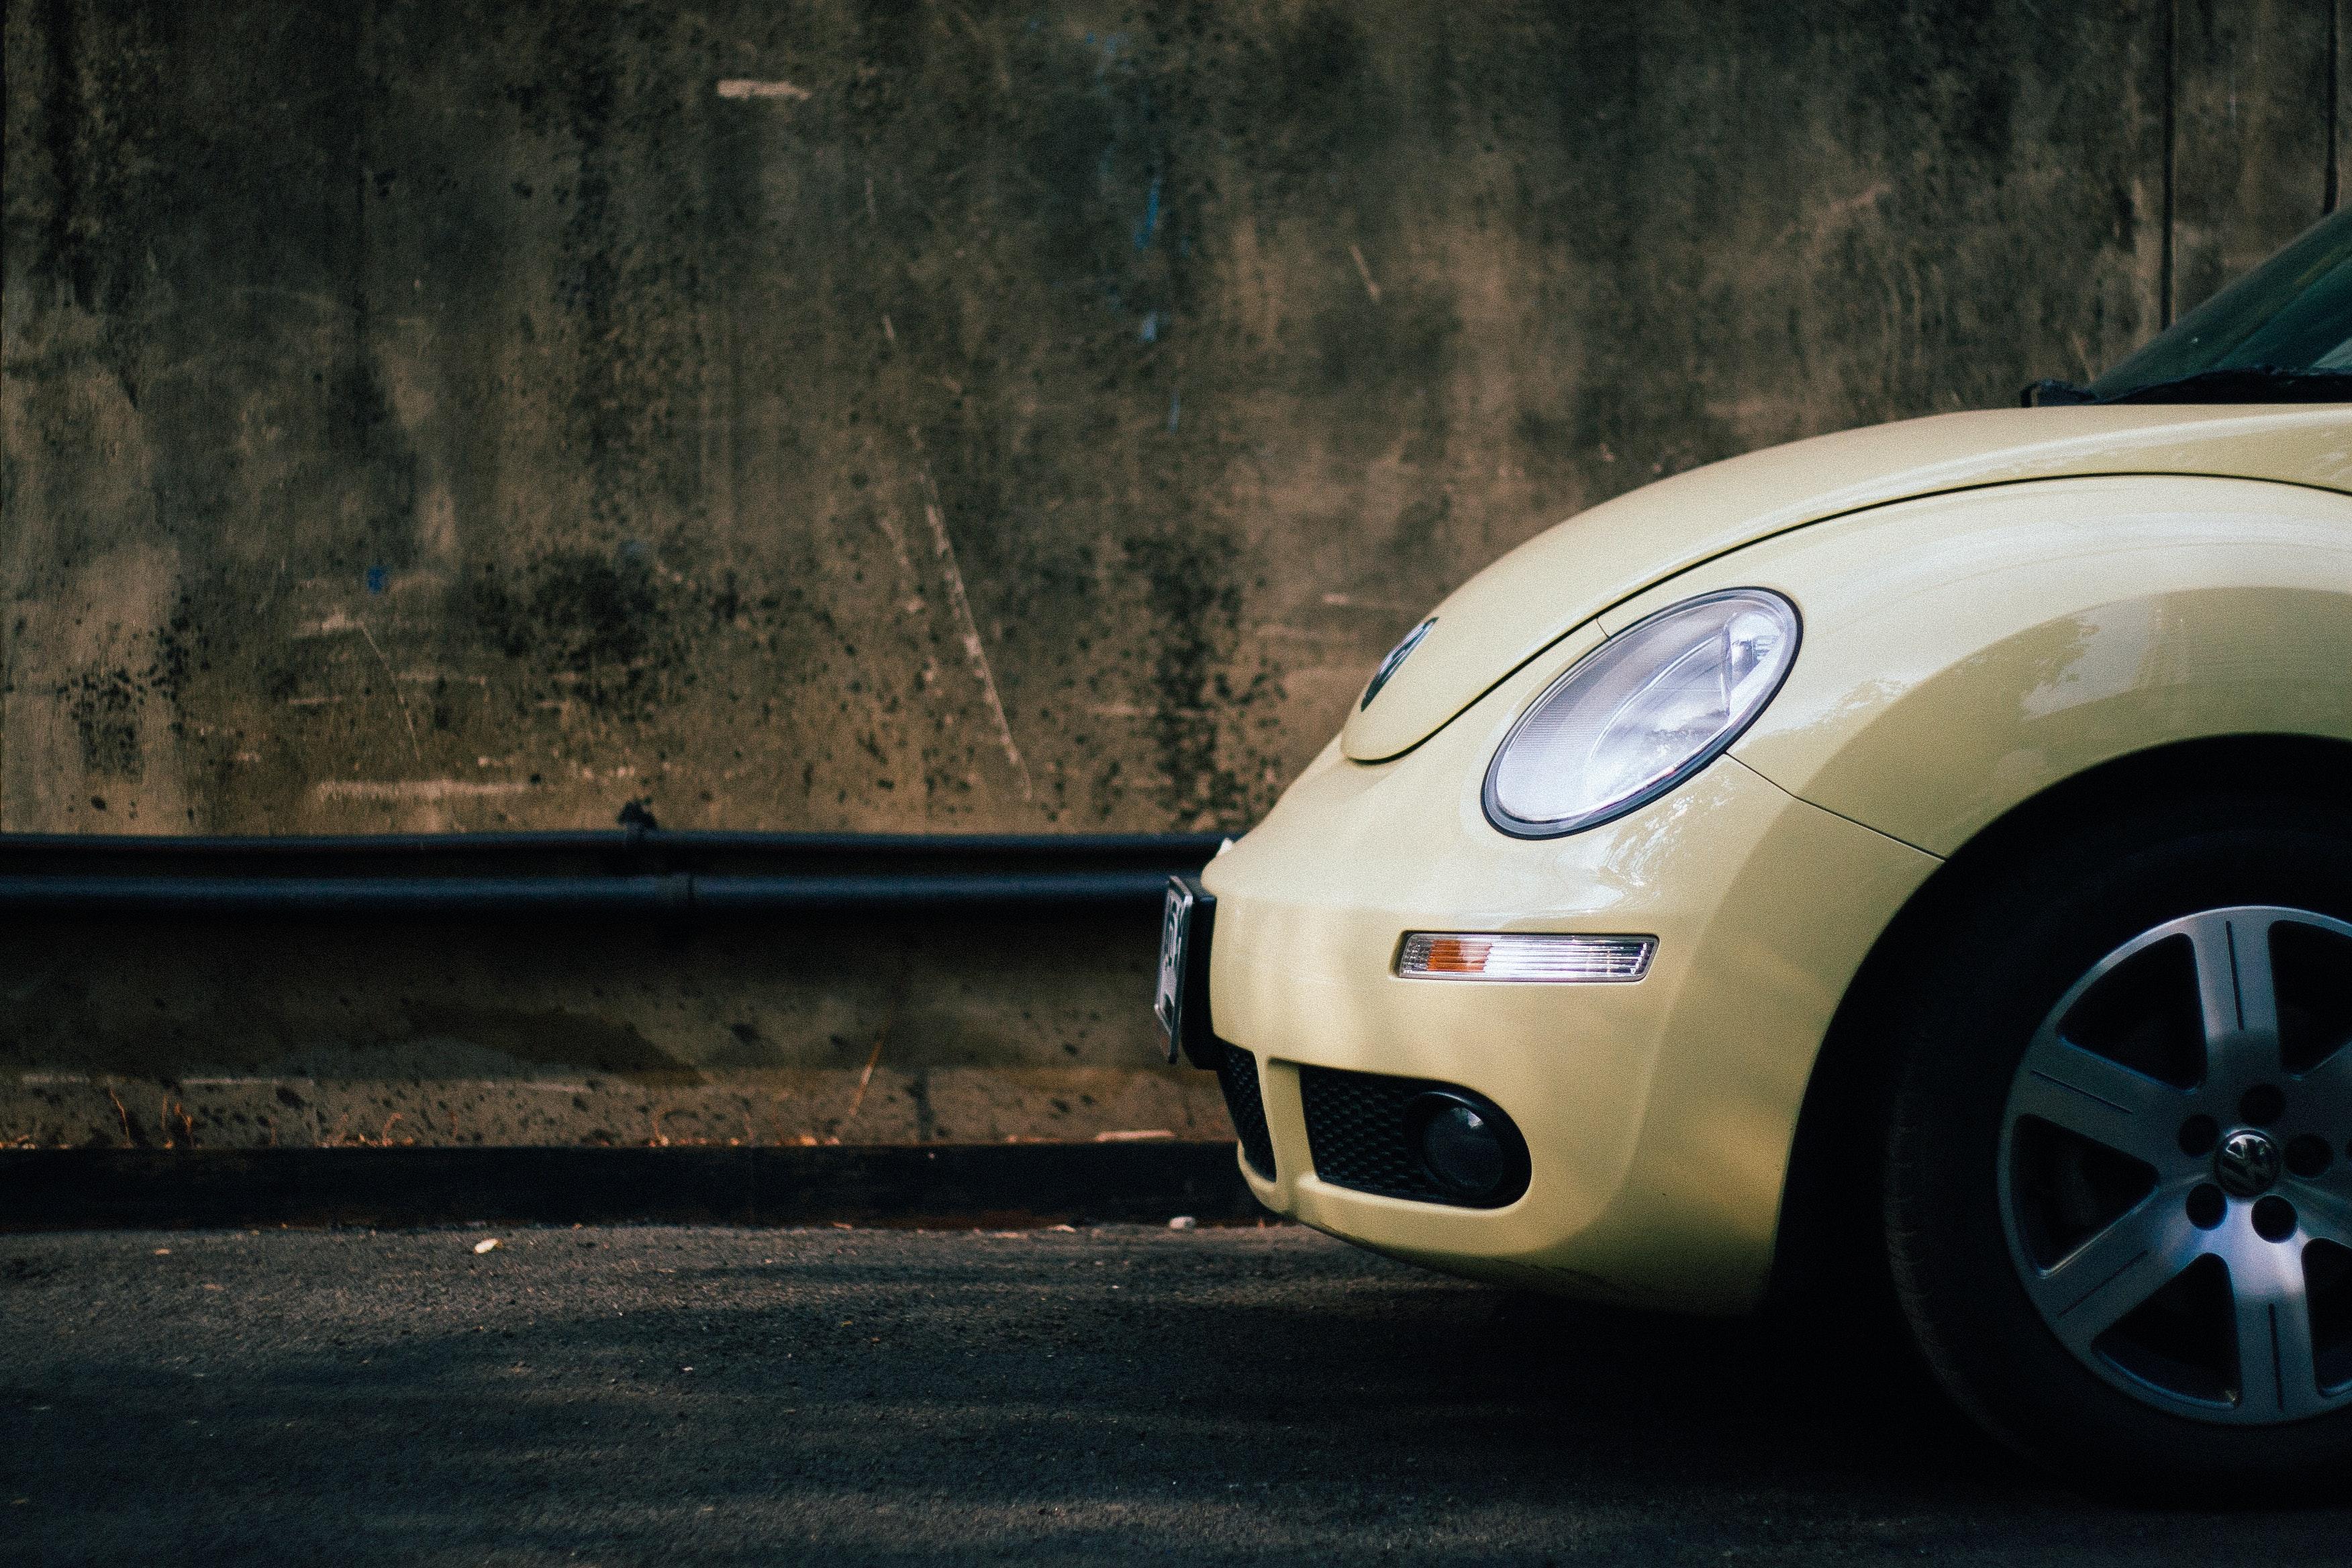 Qué es mejor si eres autónomo: ¿comprar un coche o hacer leasing?